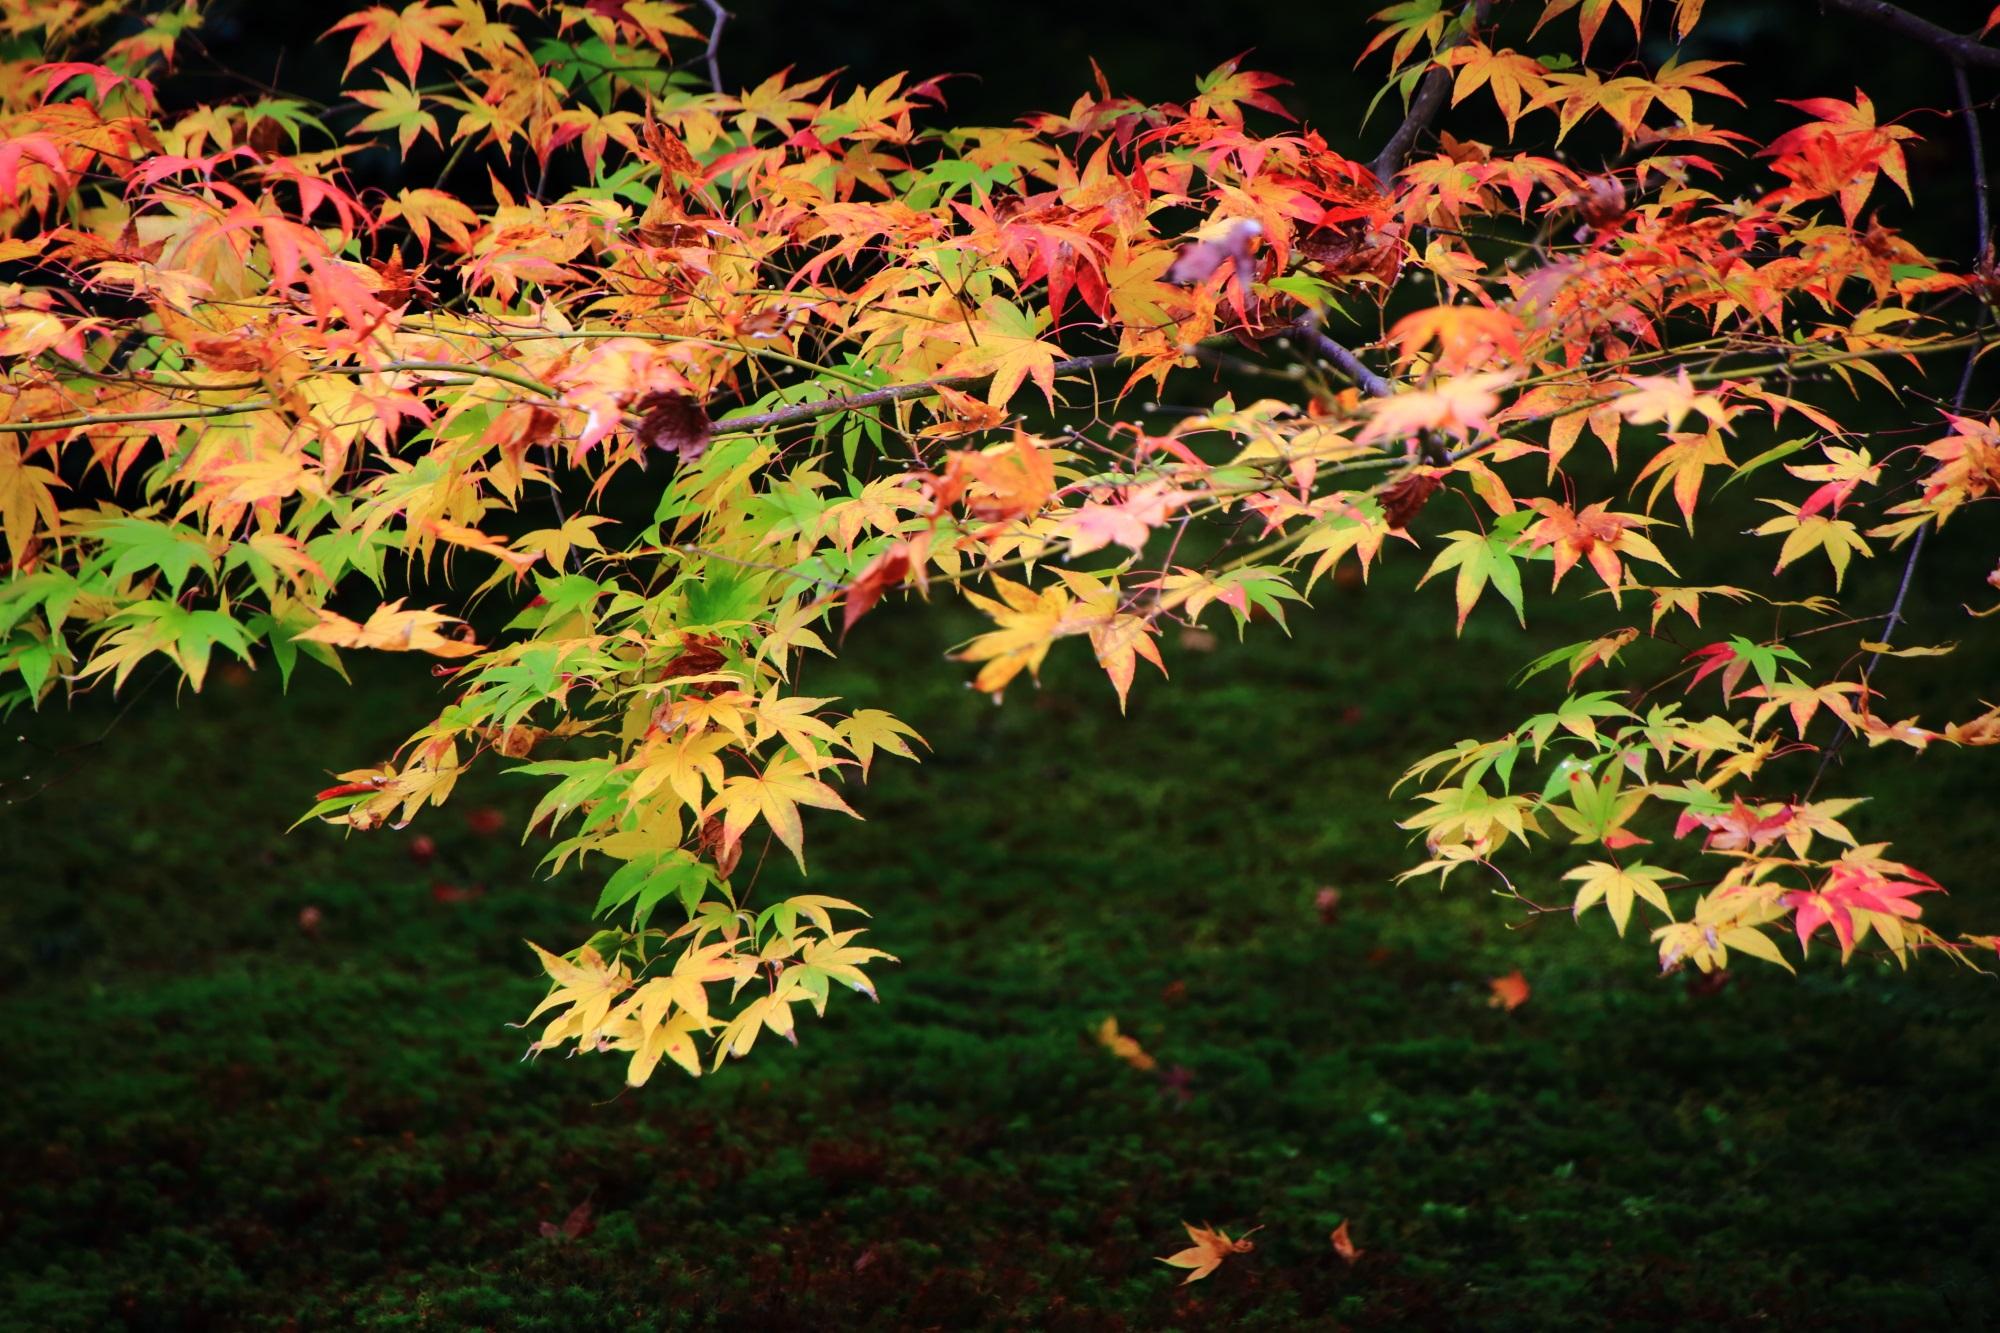 天授庵のこれ以上濃く鮮やかにはならずに散っていく紅葉